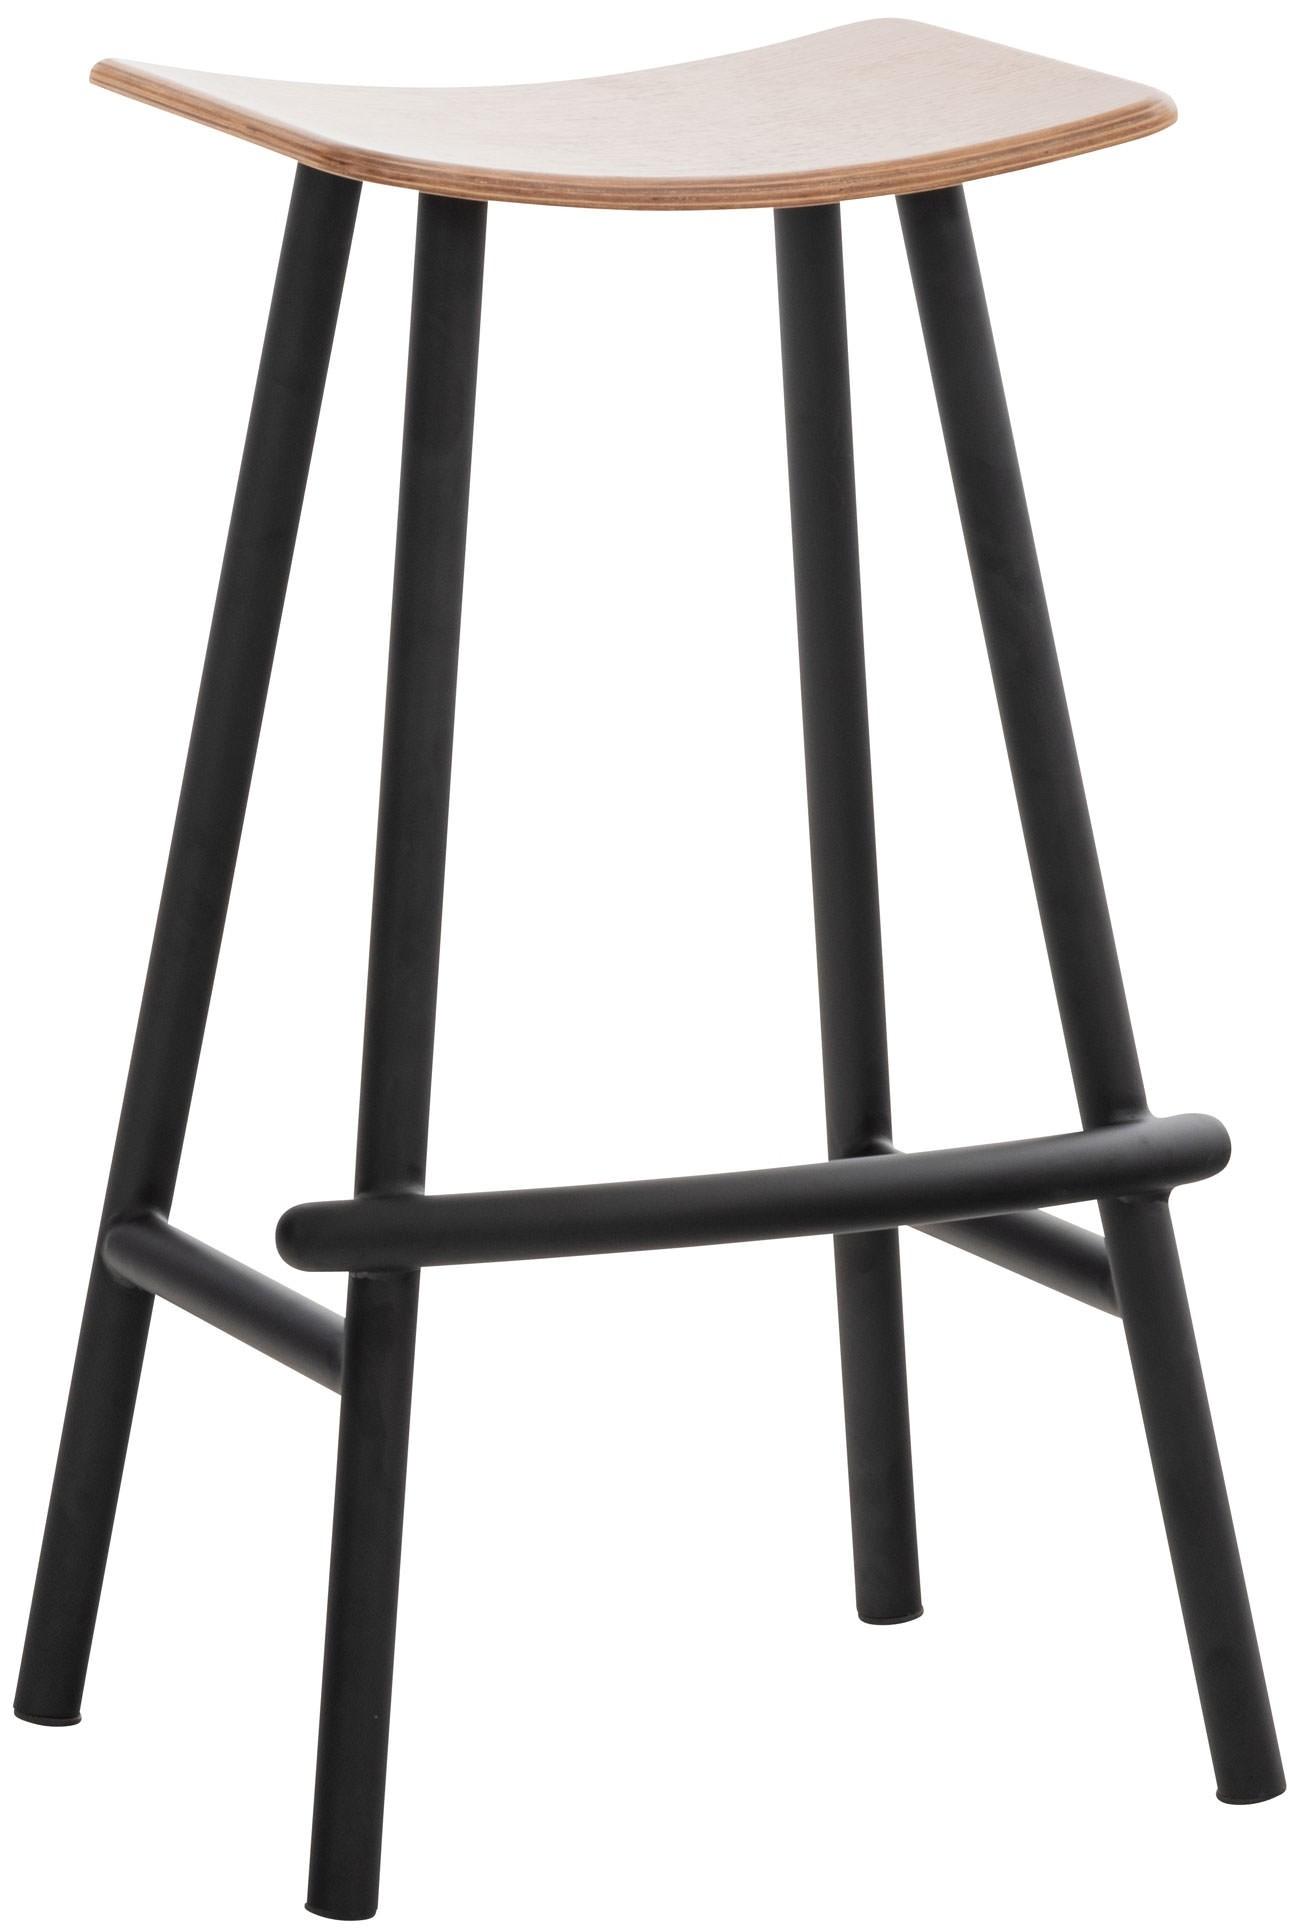 Tabouret de bar Embu au style industriel avec assise en bois